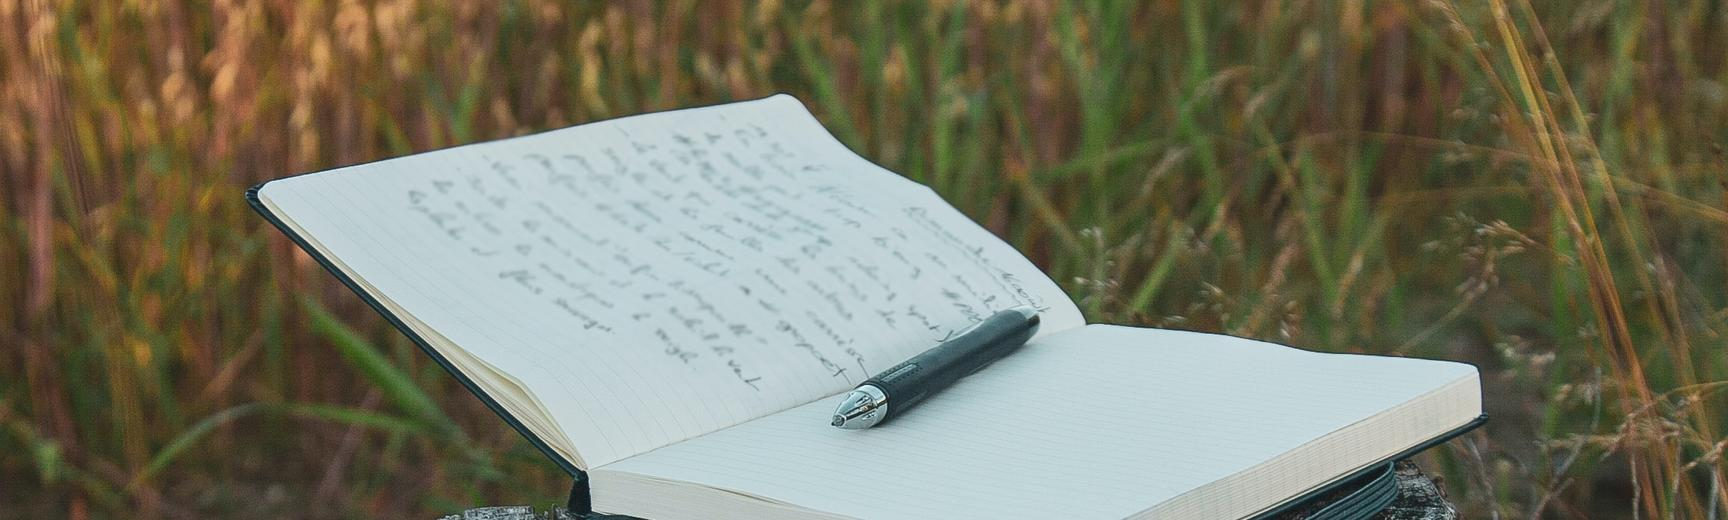 book in field